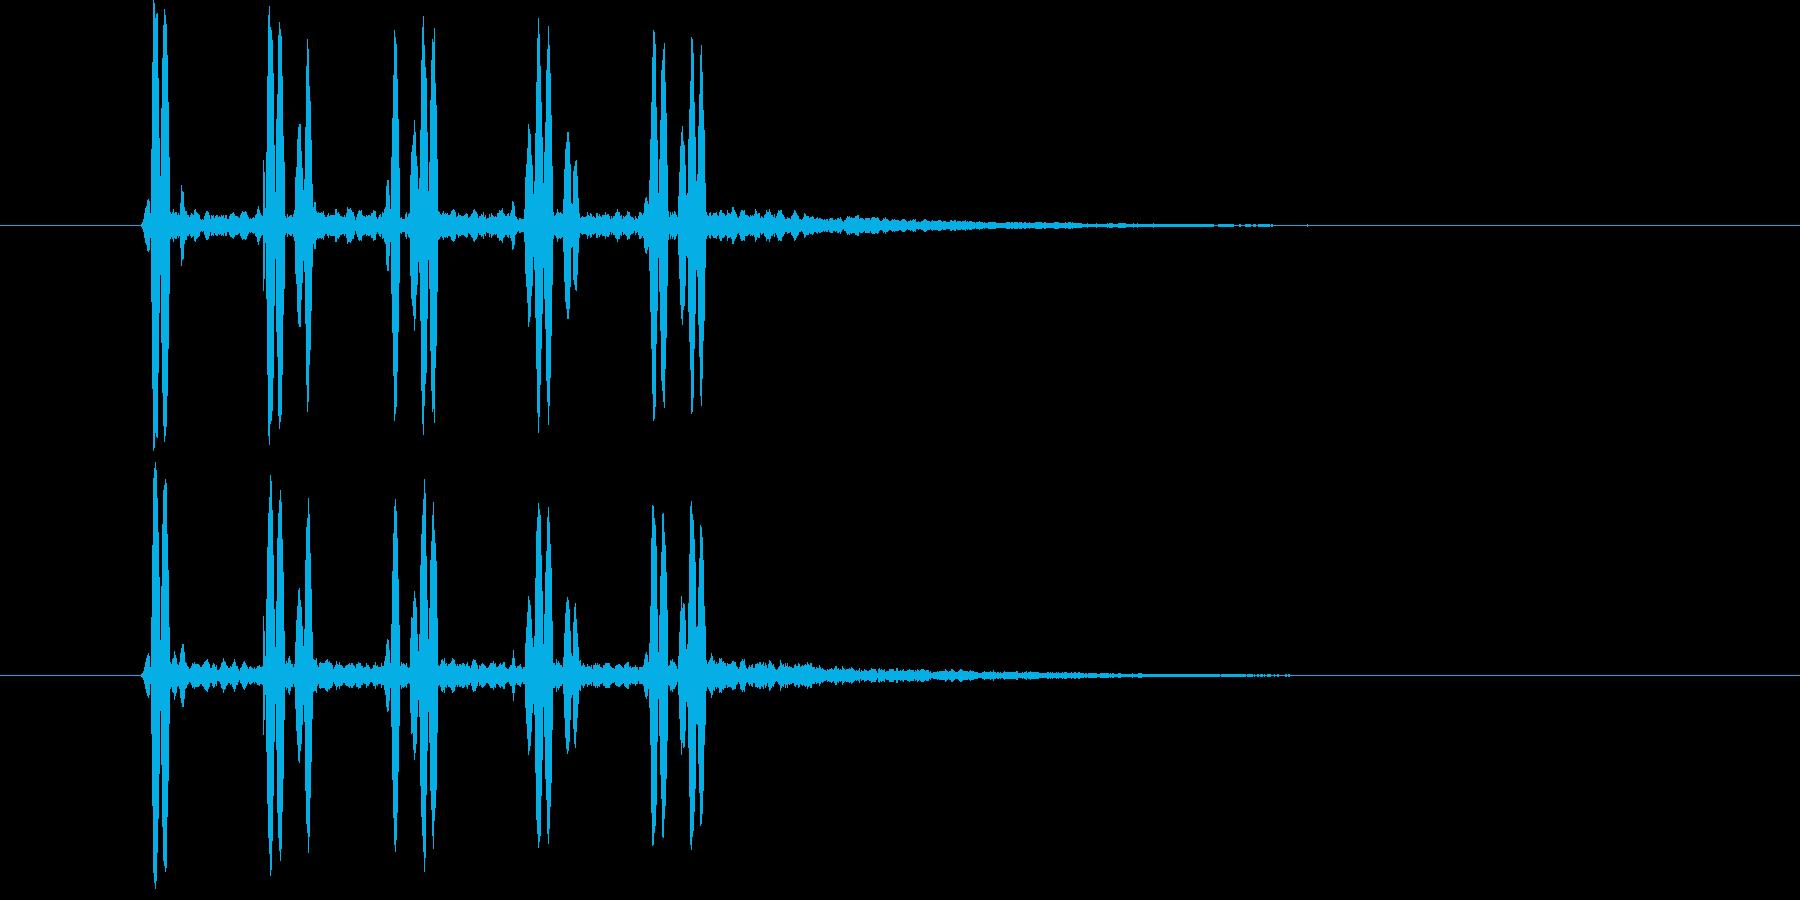 近未来SFボタン音ビープ音クリック音の再生済みの波形